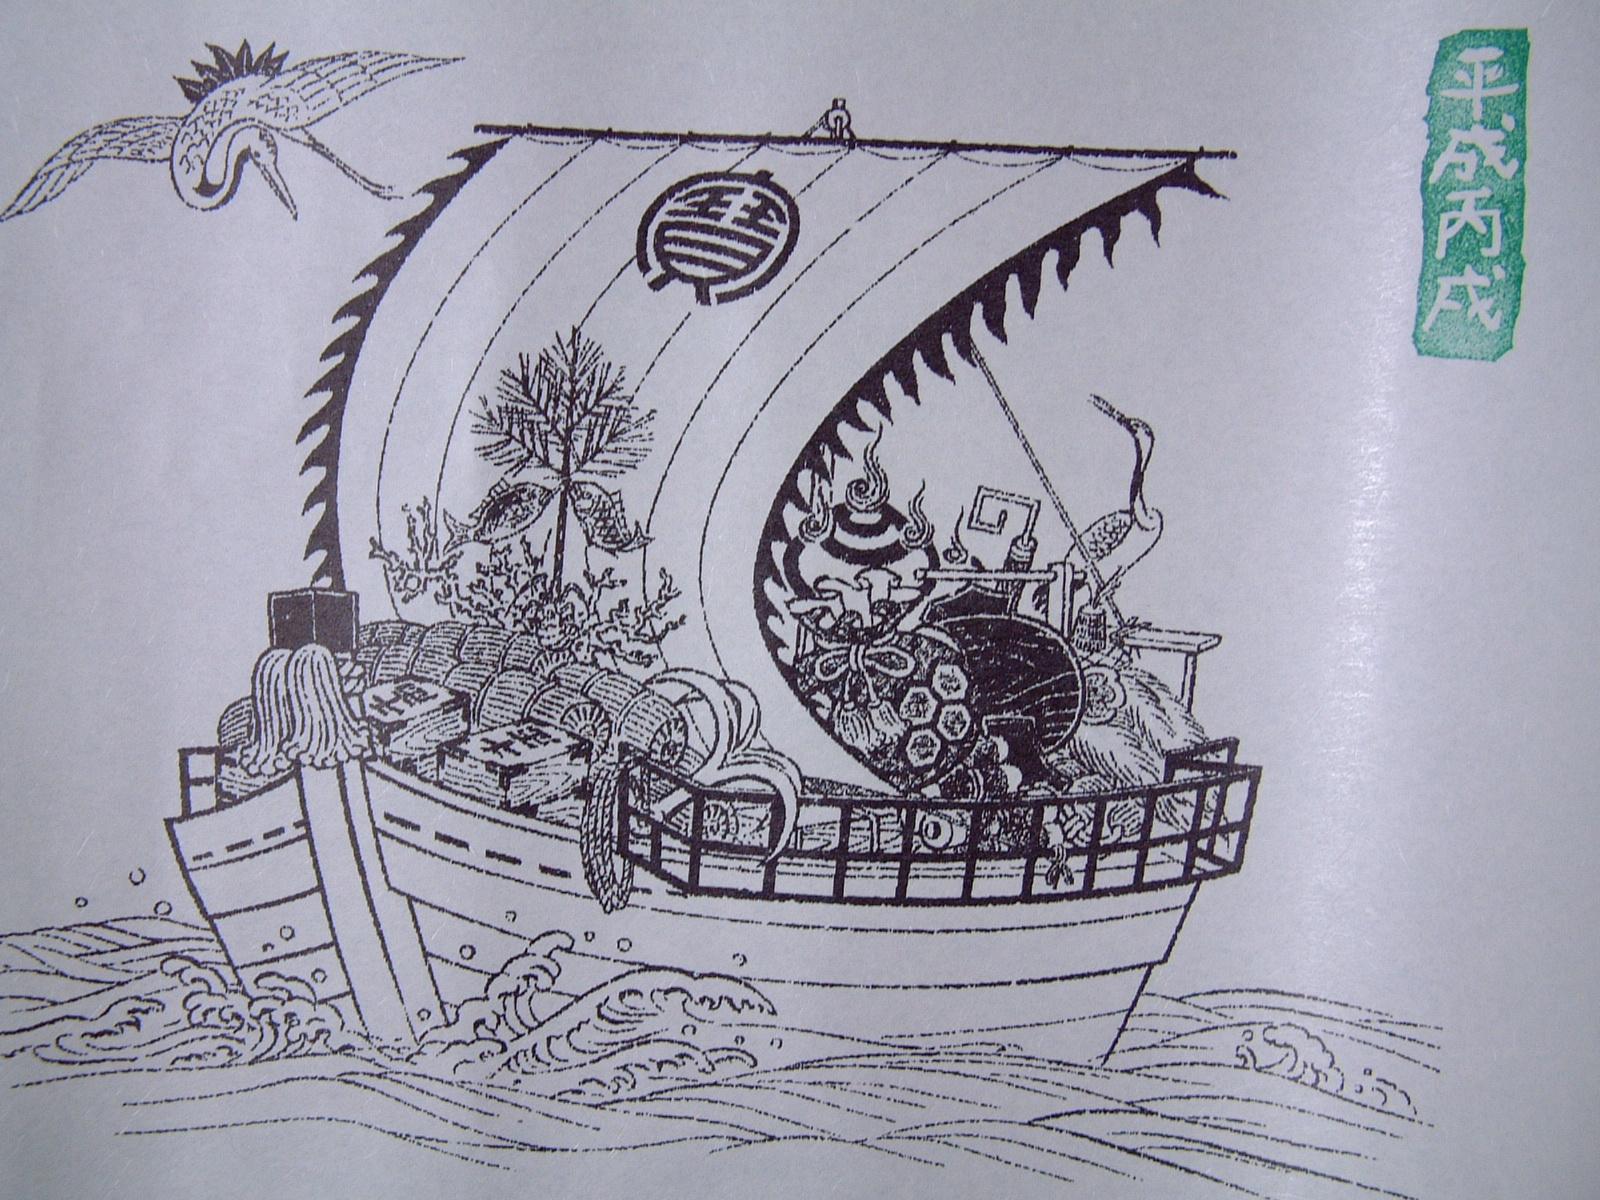 宝船に七福神